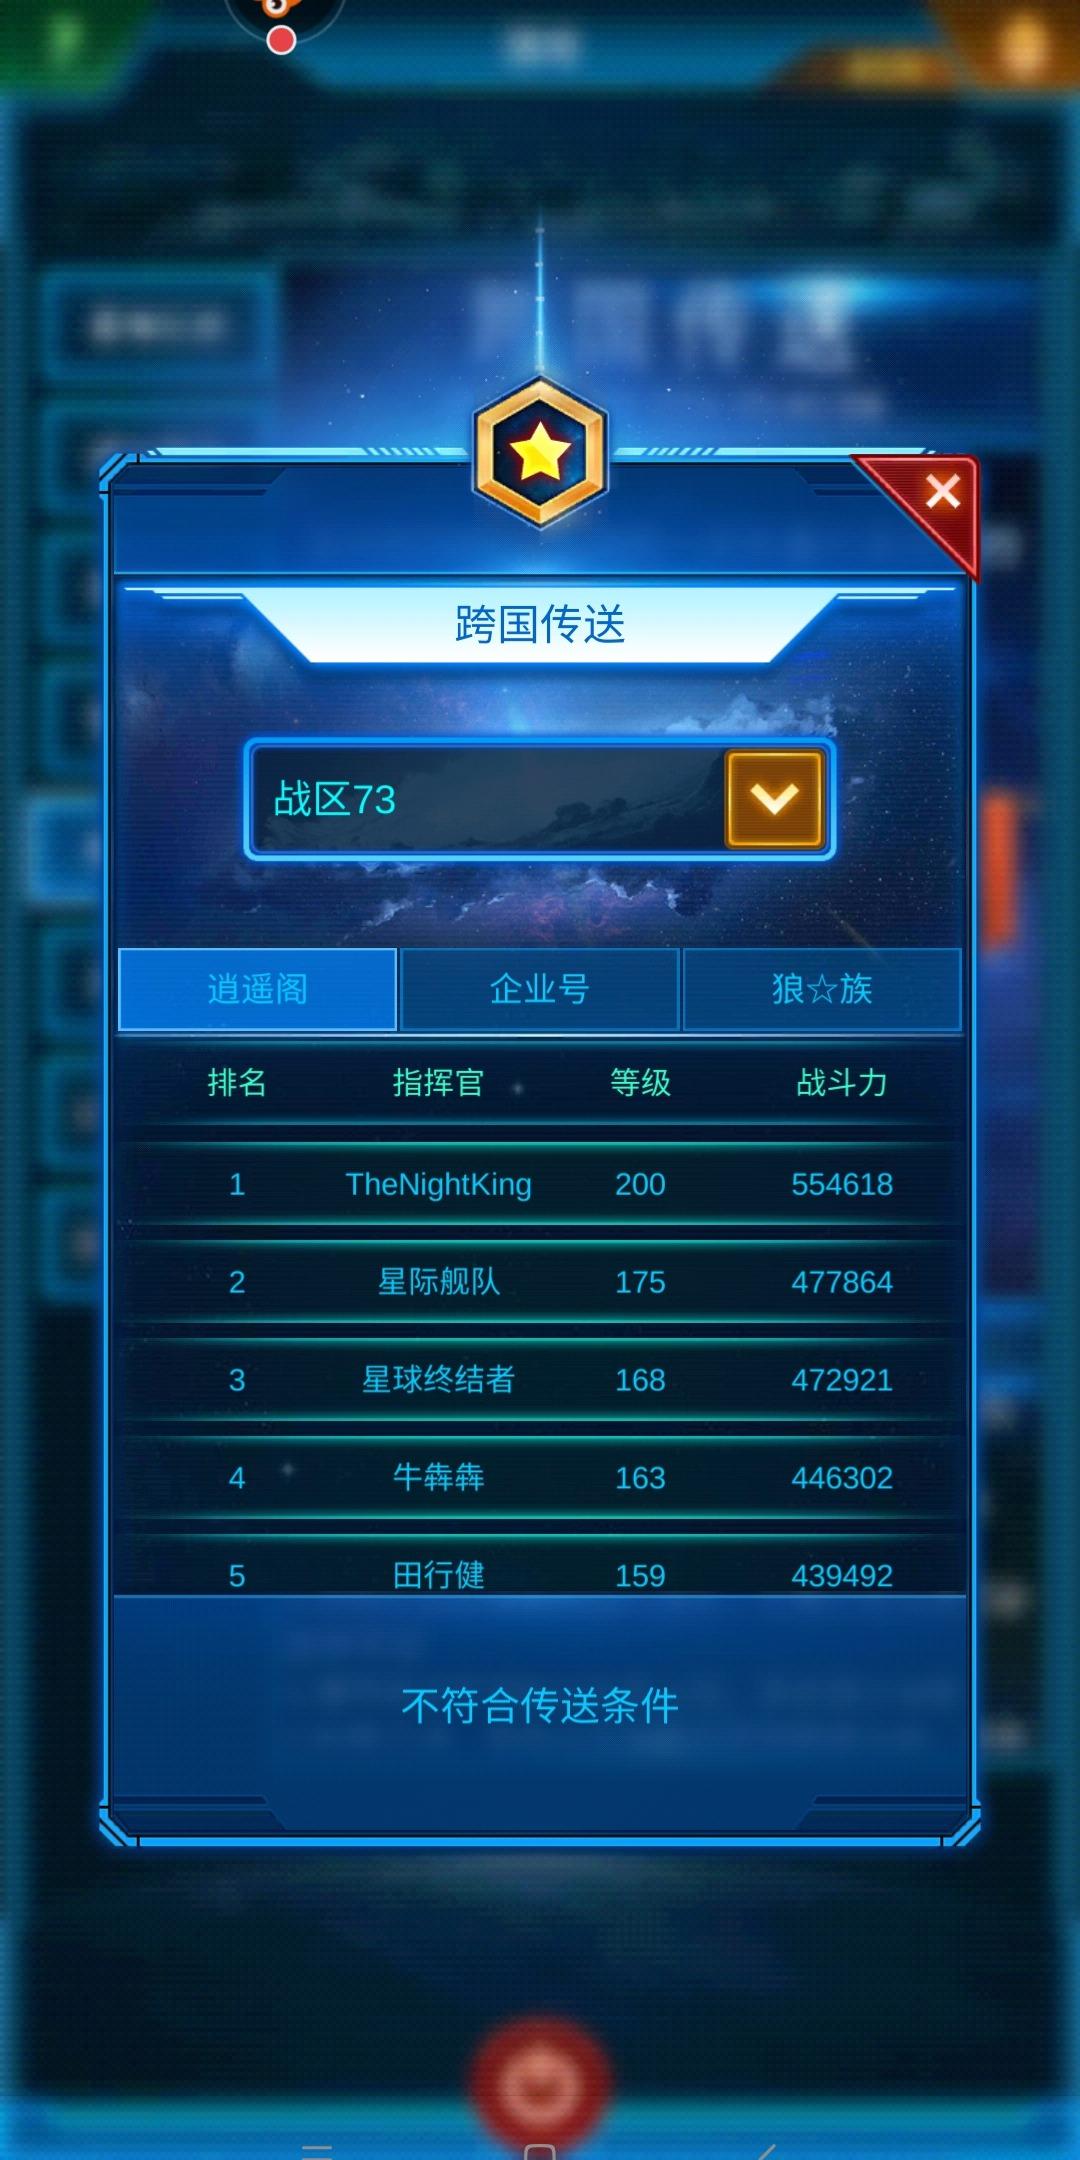 Screenshot_2020-02-17-13-21-38-389_com.jedigames.p16s.aligames.jpg